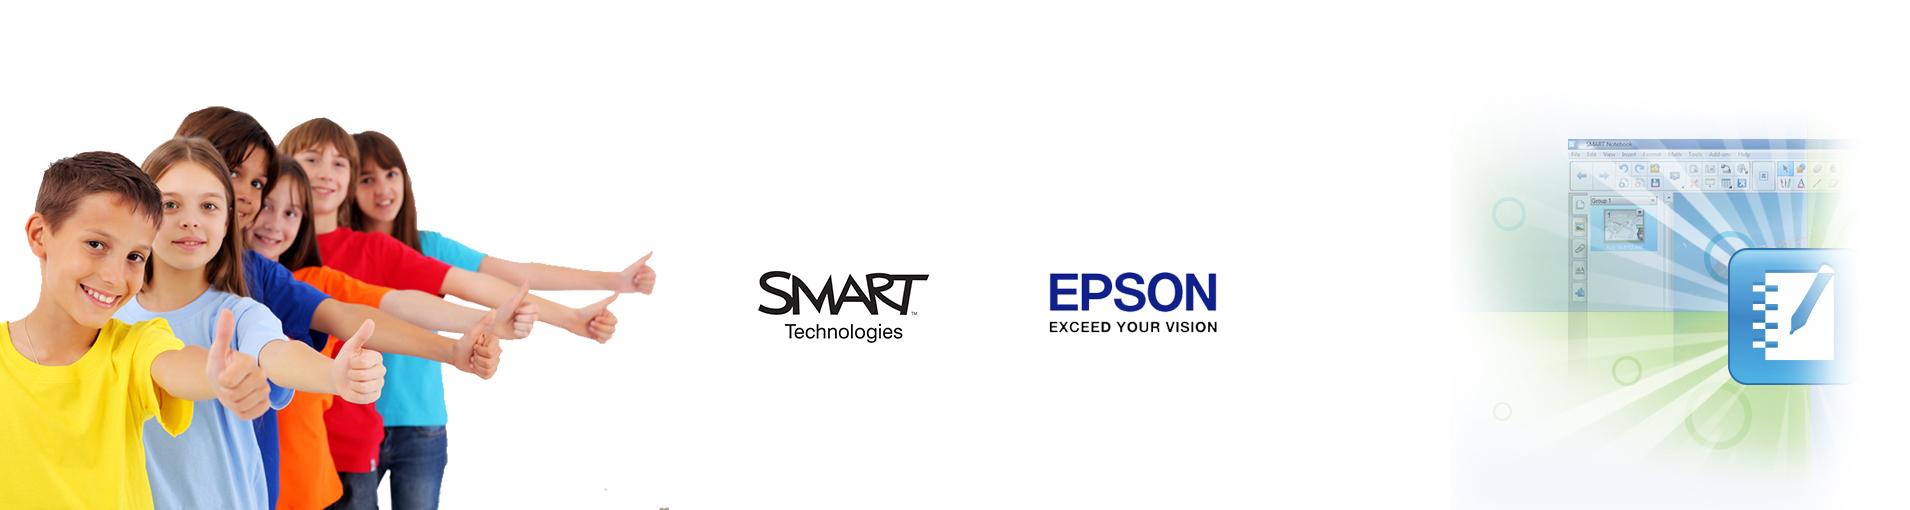 acord-de-colaboracio-epson-i-smart-board-Recuperado